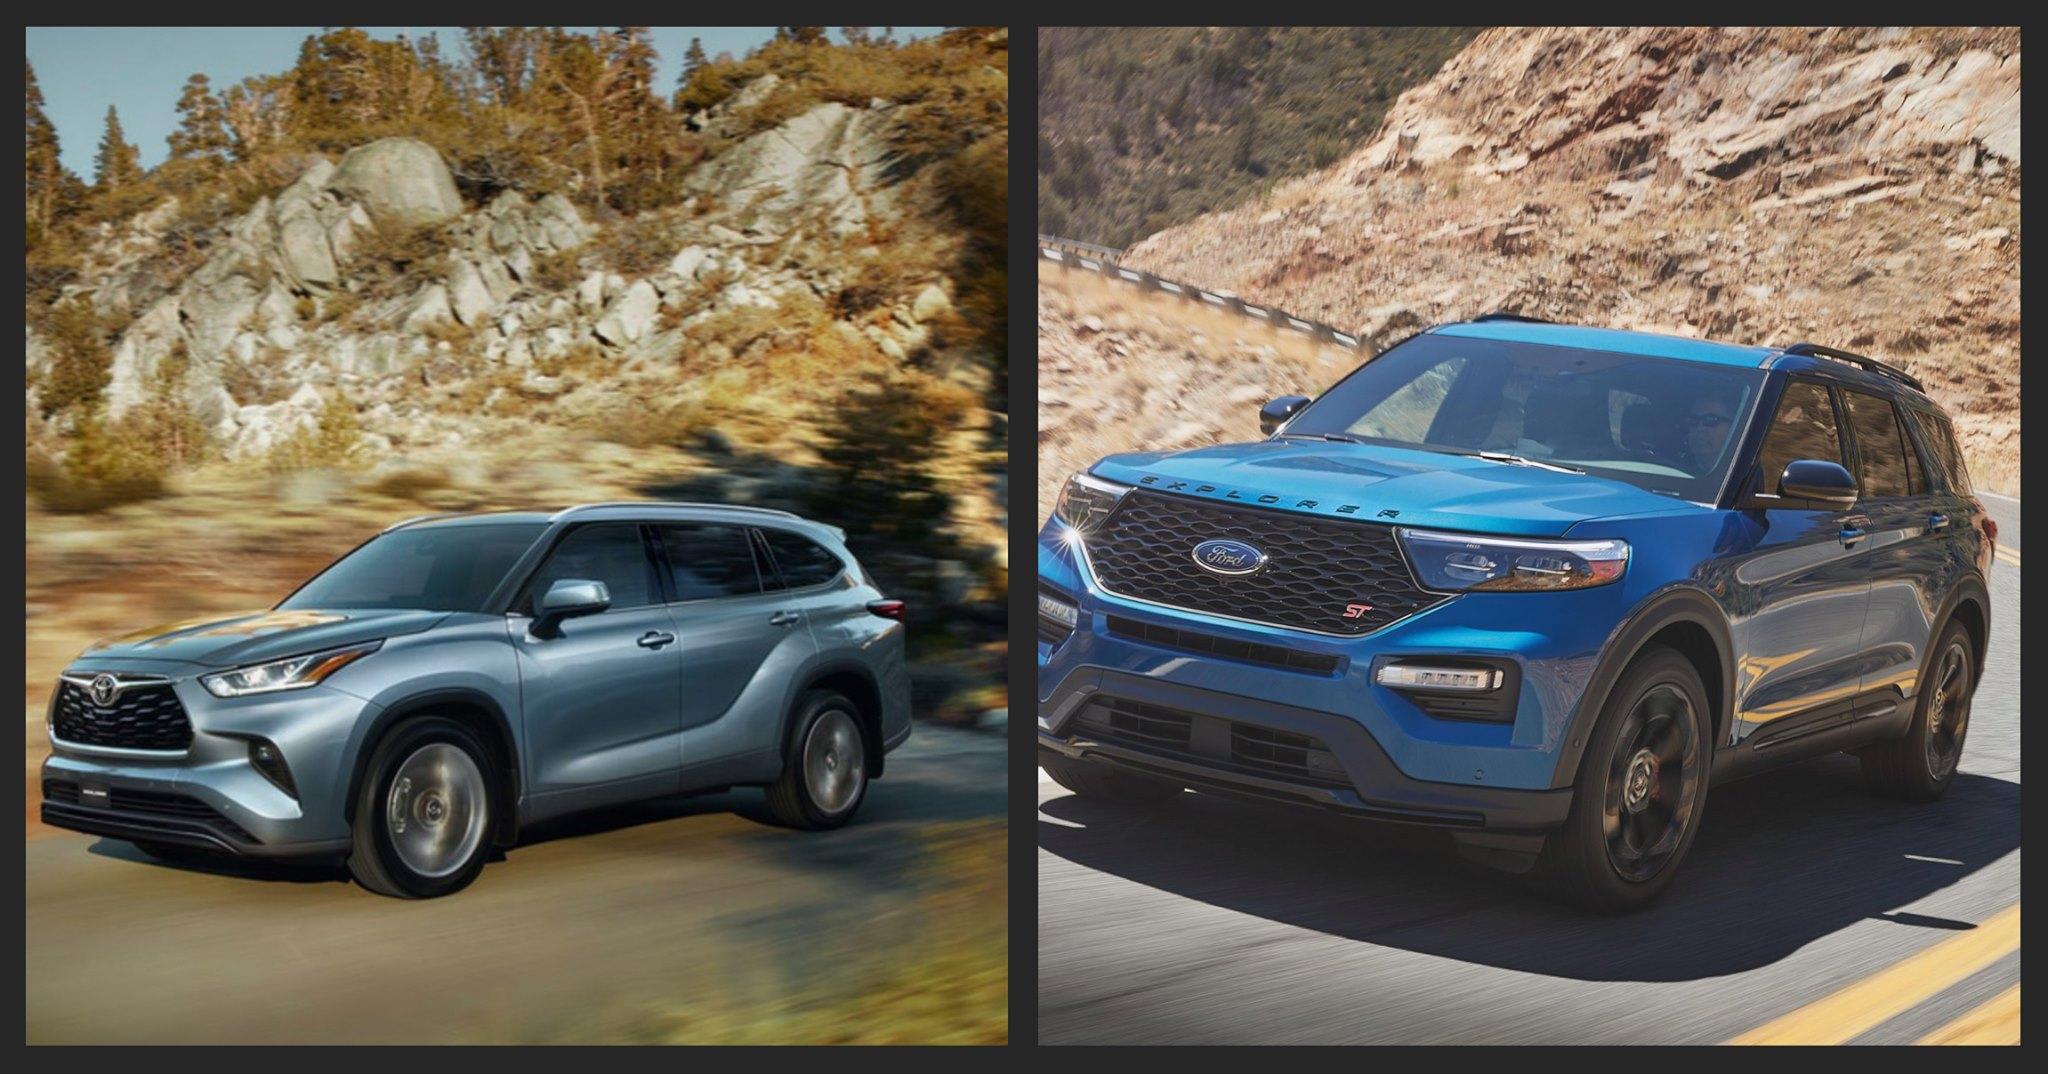 Ford Explorer versus Toyota Highlander